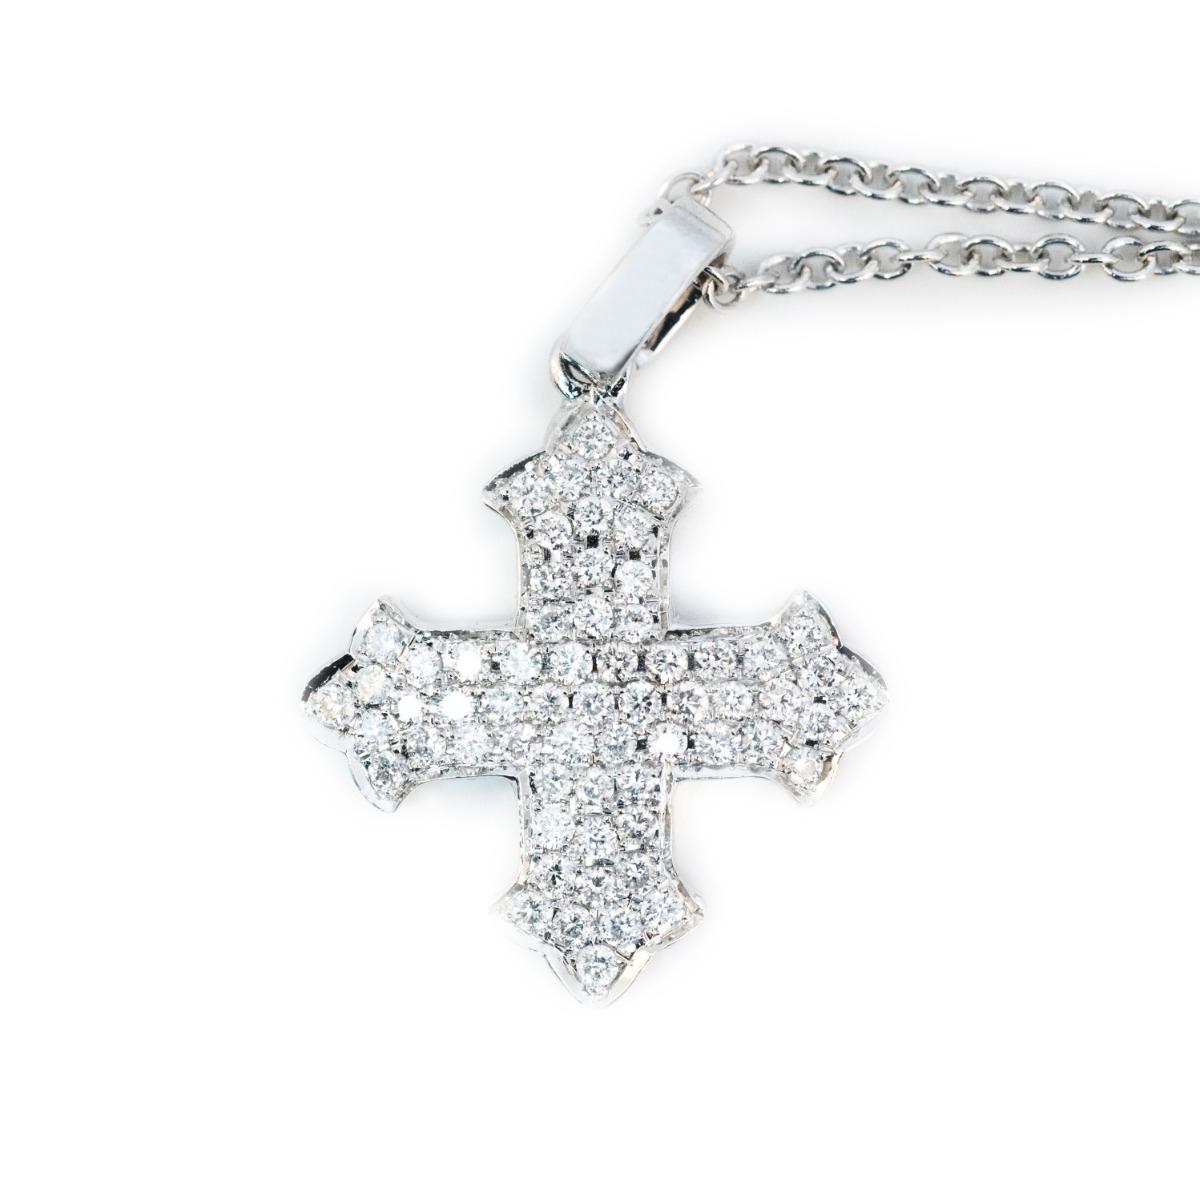 Diamond-Encrusted Cross Pendant Necklace